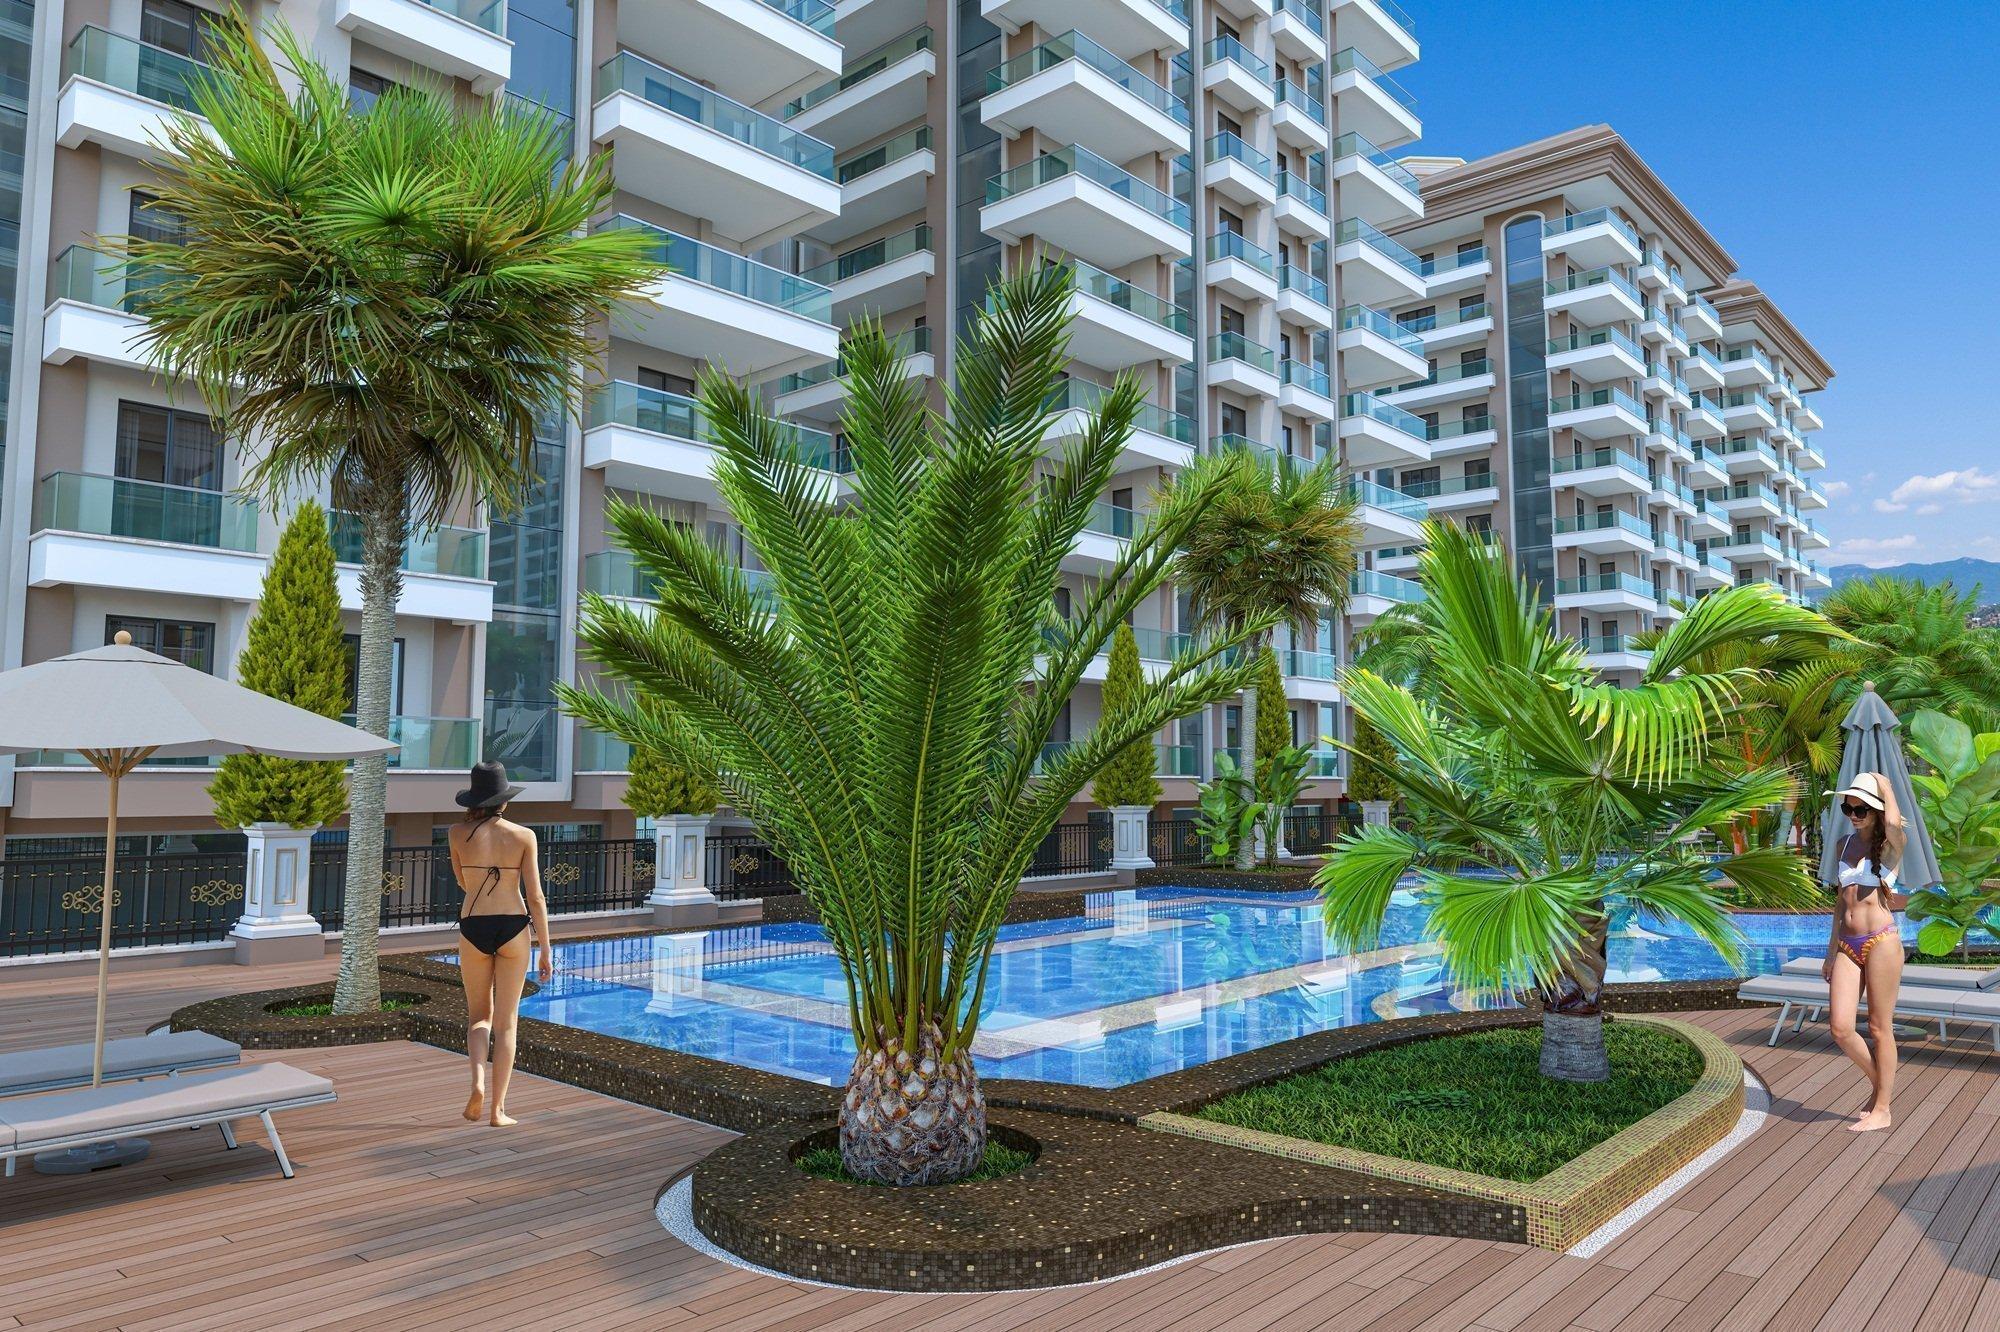 Большой выбор квартир 1+1, 2+1 и дуплексов 2+1, 4+1 в строящемся жилом комплексе